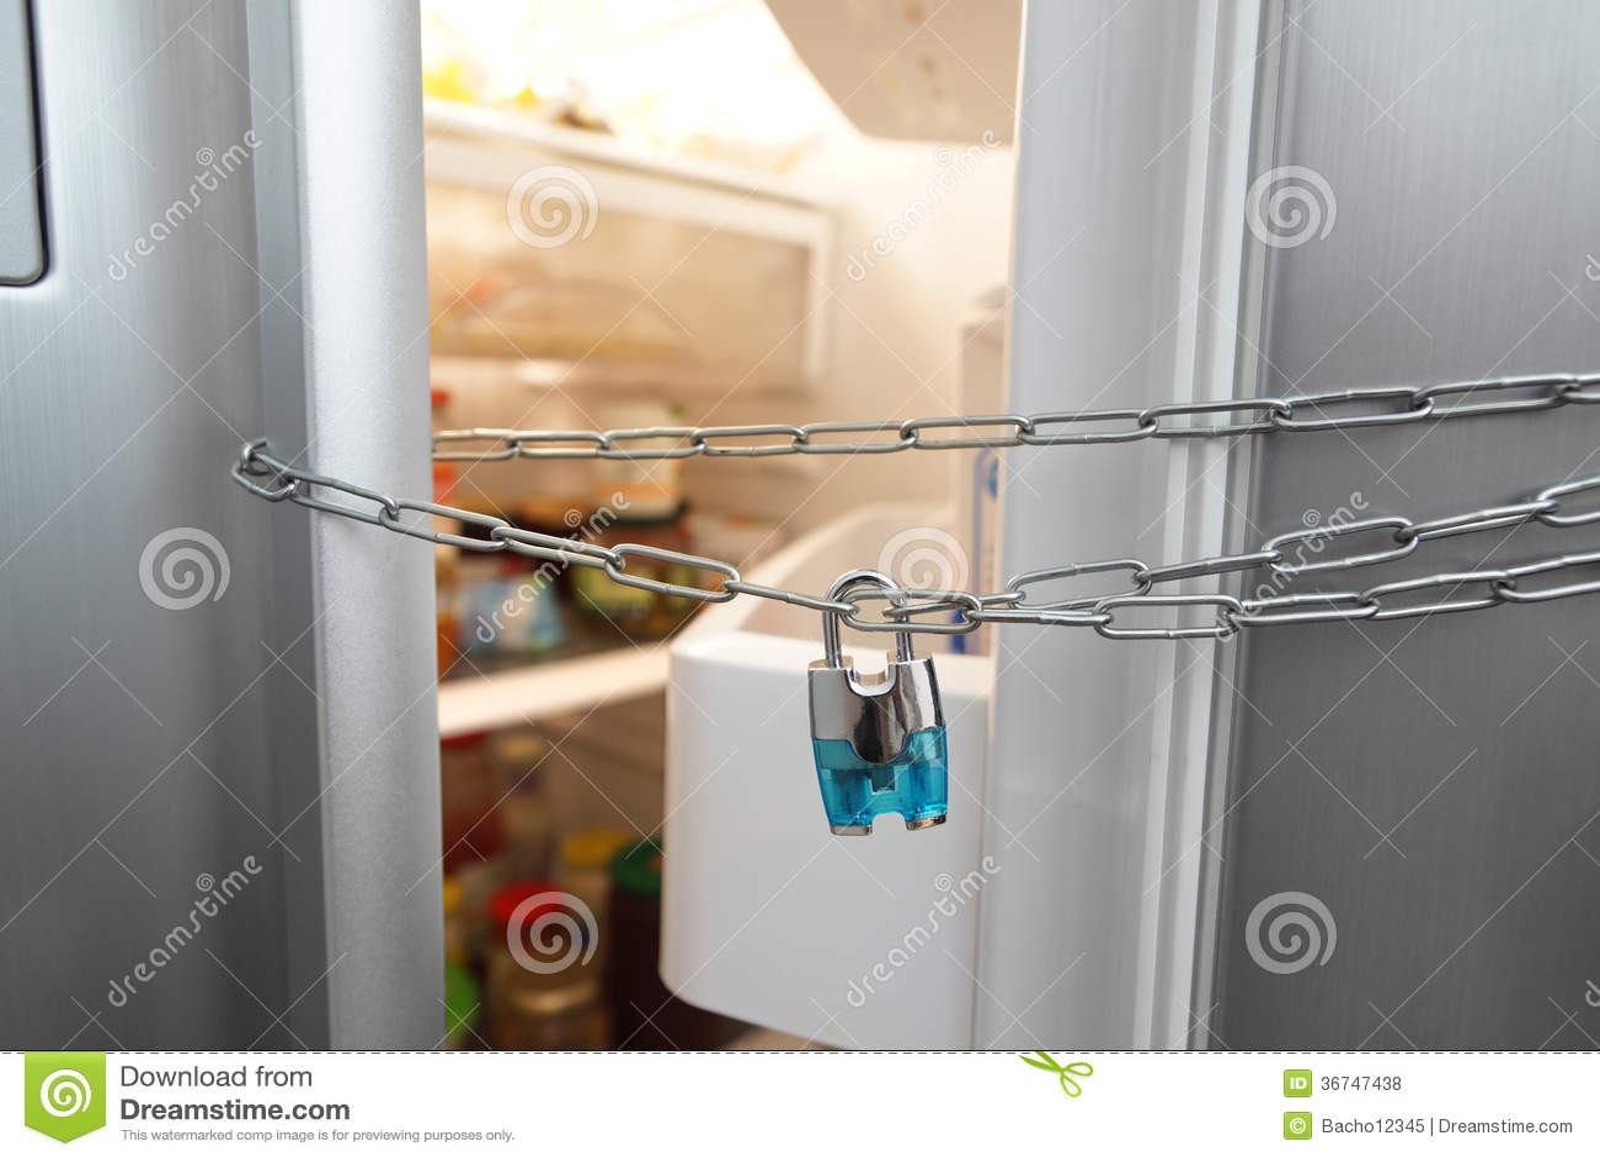 Kühlschrank Verriegelung : Nährendes konzept kühlschrank kette und verschluss stockfoto